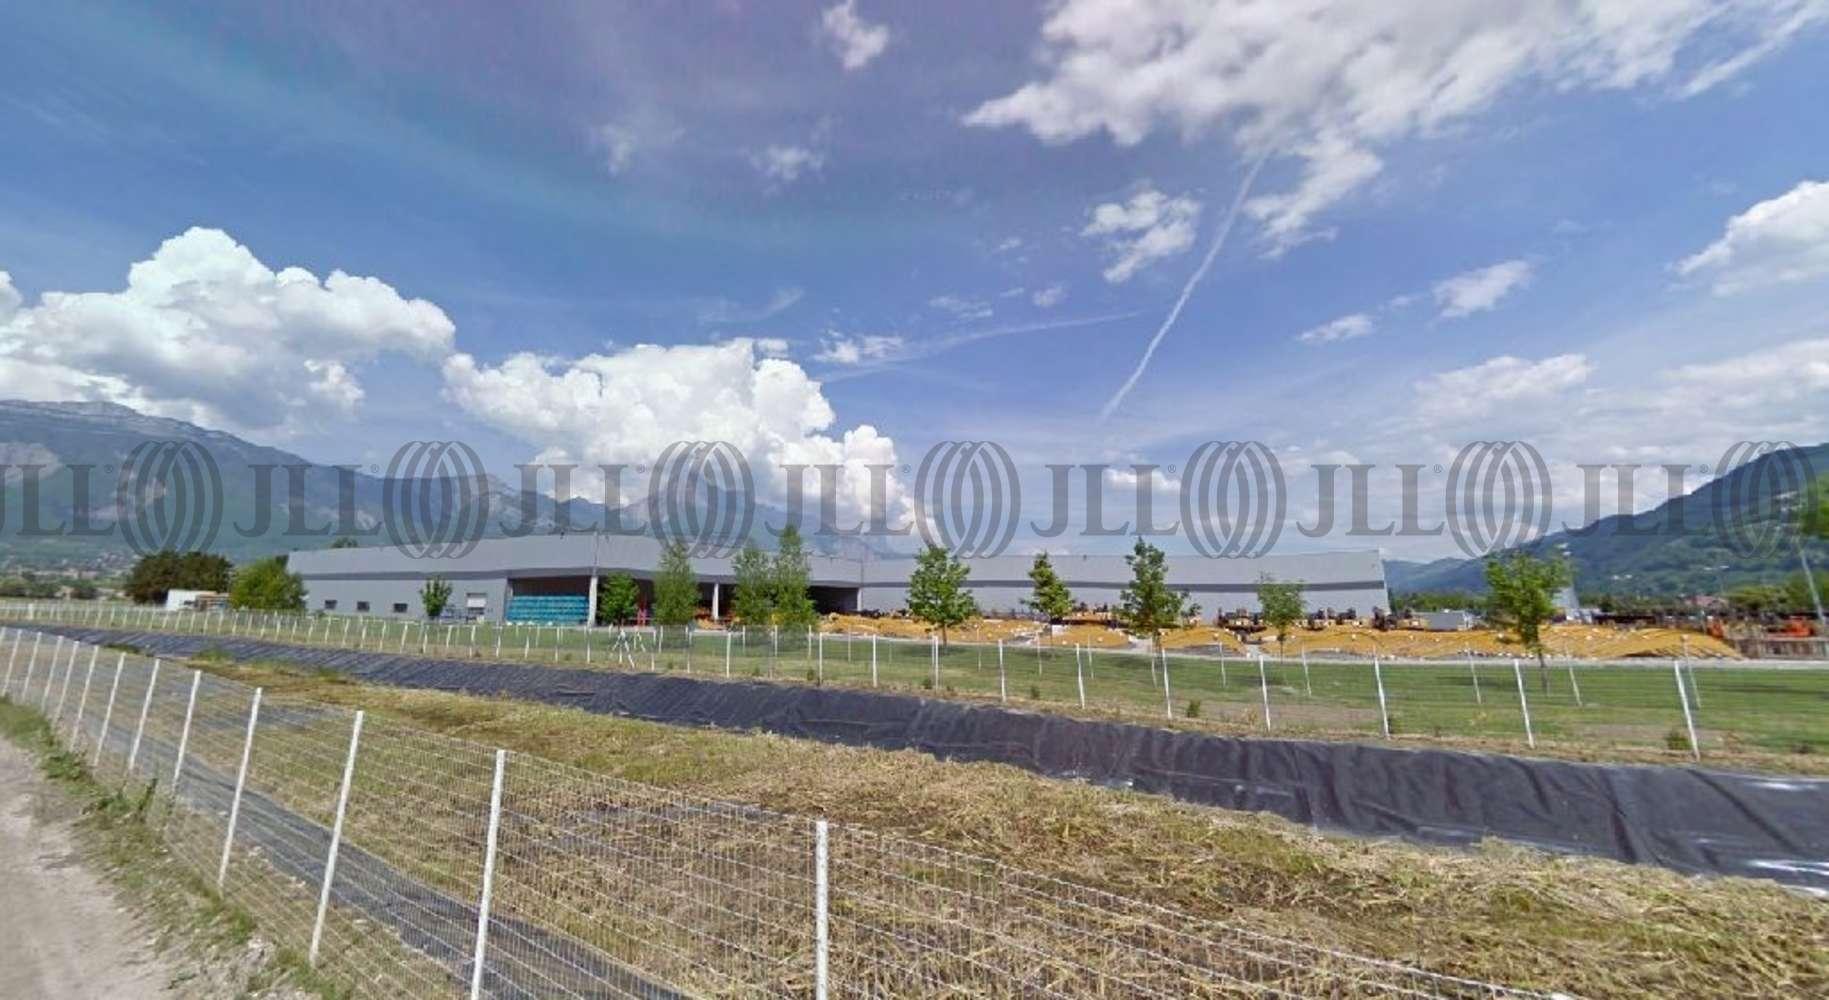 Plateformes logistiques Le versoud, 38420 - Achat / Location entrepot Lyon Est (38) - 9923846